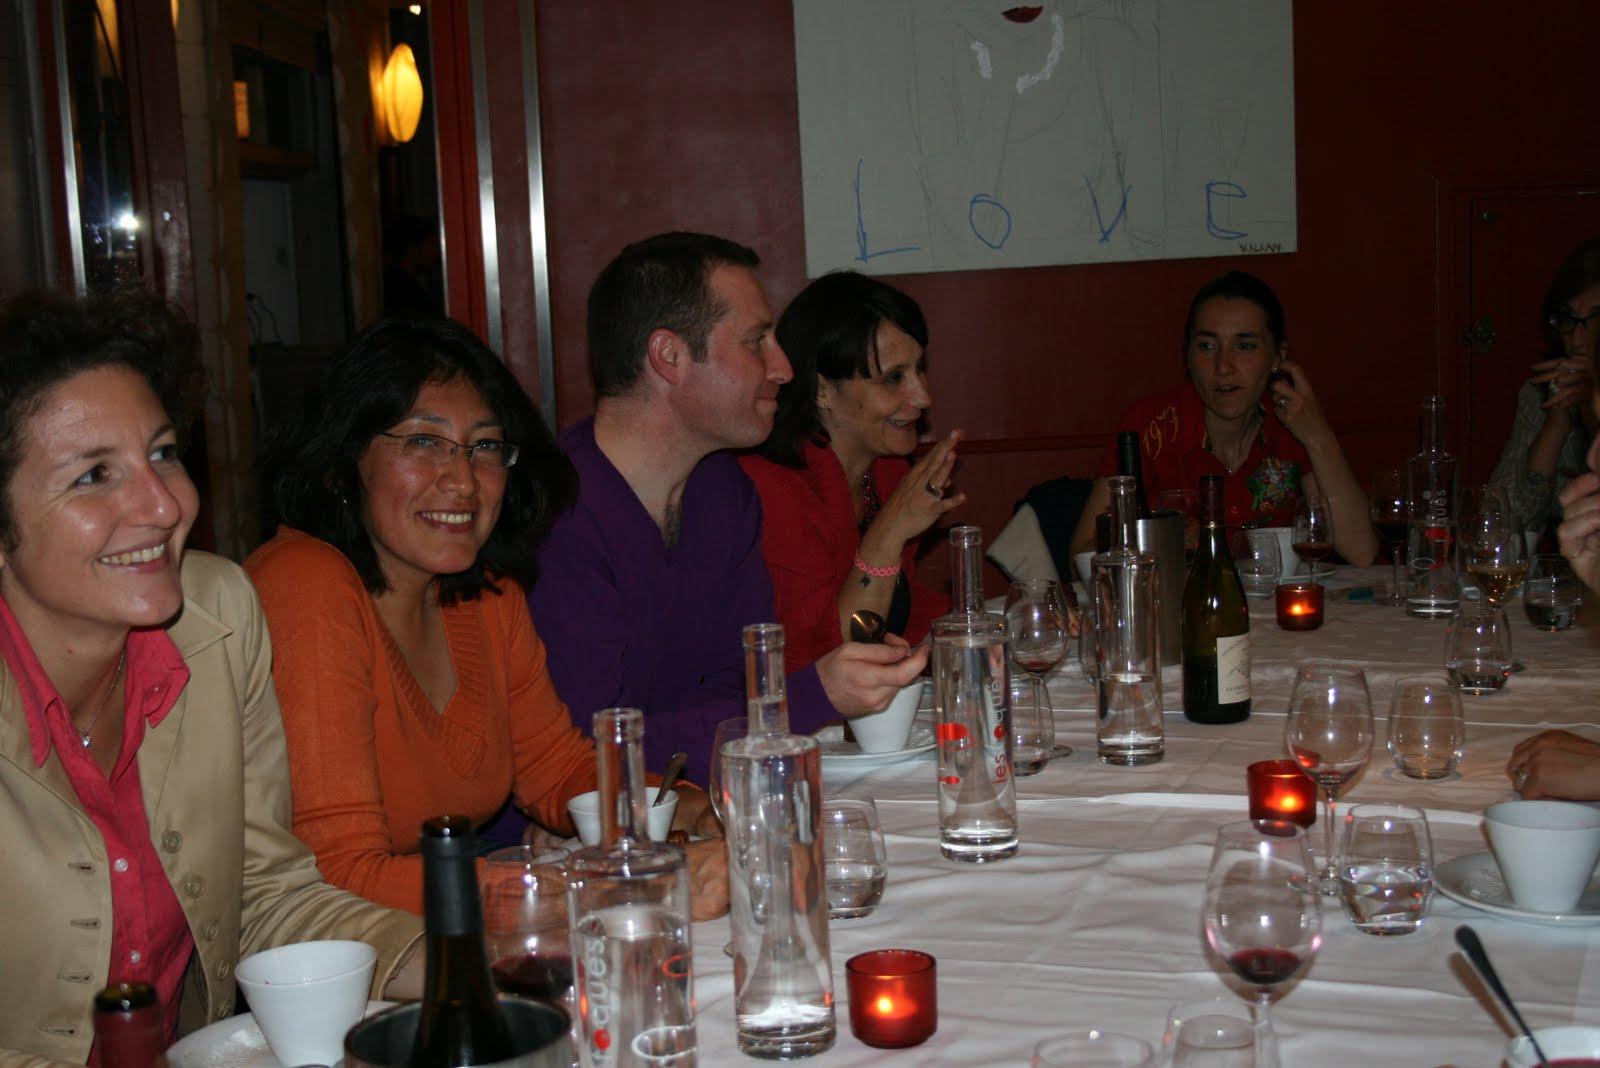 de gauche à droite : Florence Pisano, Carmen Zelada, Laurent Duruet, Stéphanie Hublin-Besson, Astrid Gerville-Réache